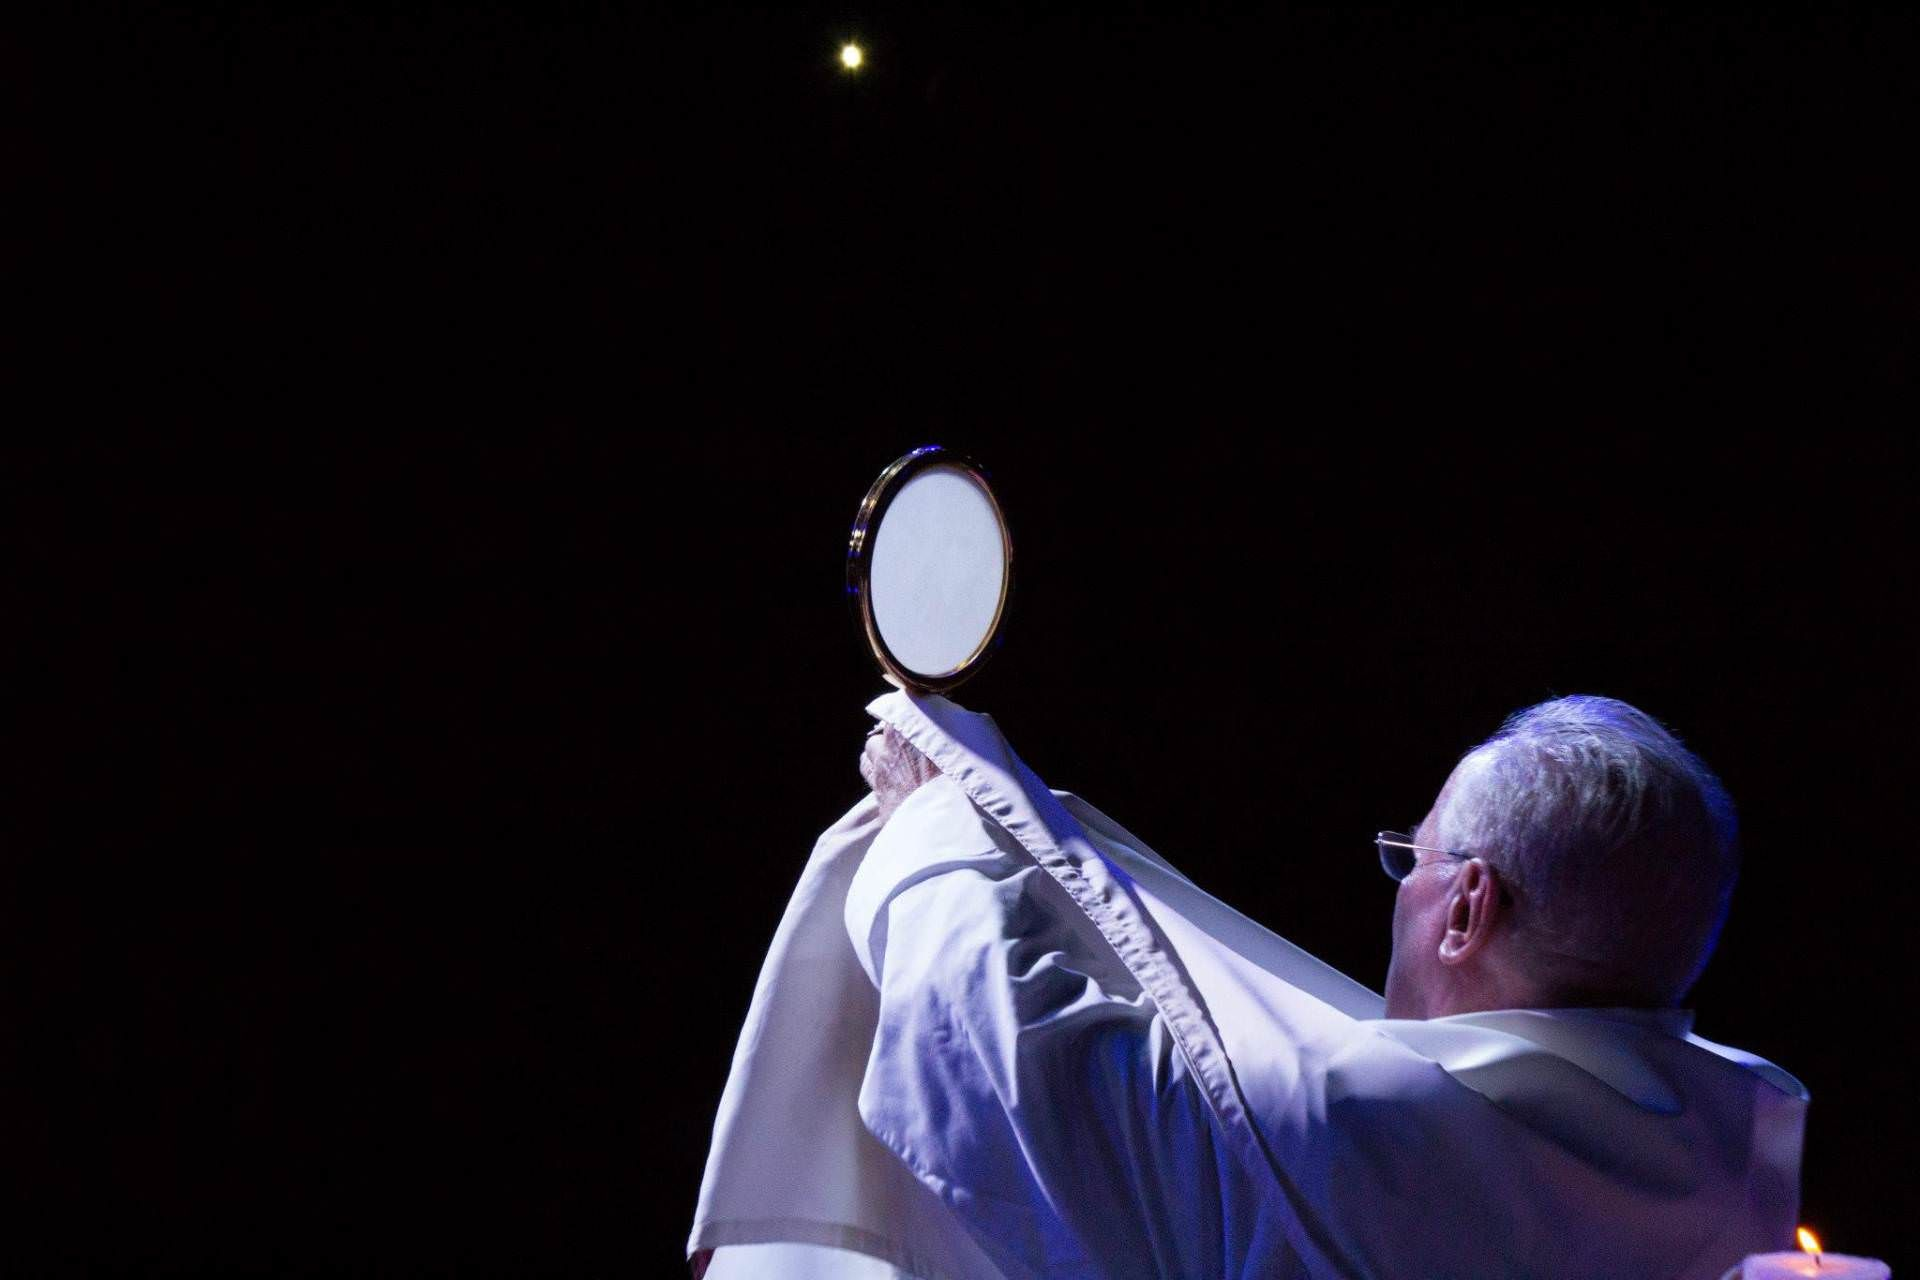 Imagen Católica: Eucaristia, Sacerdote